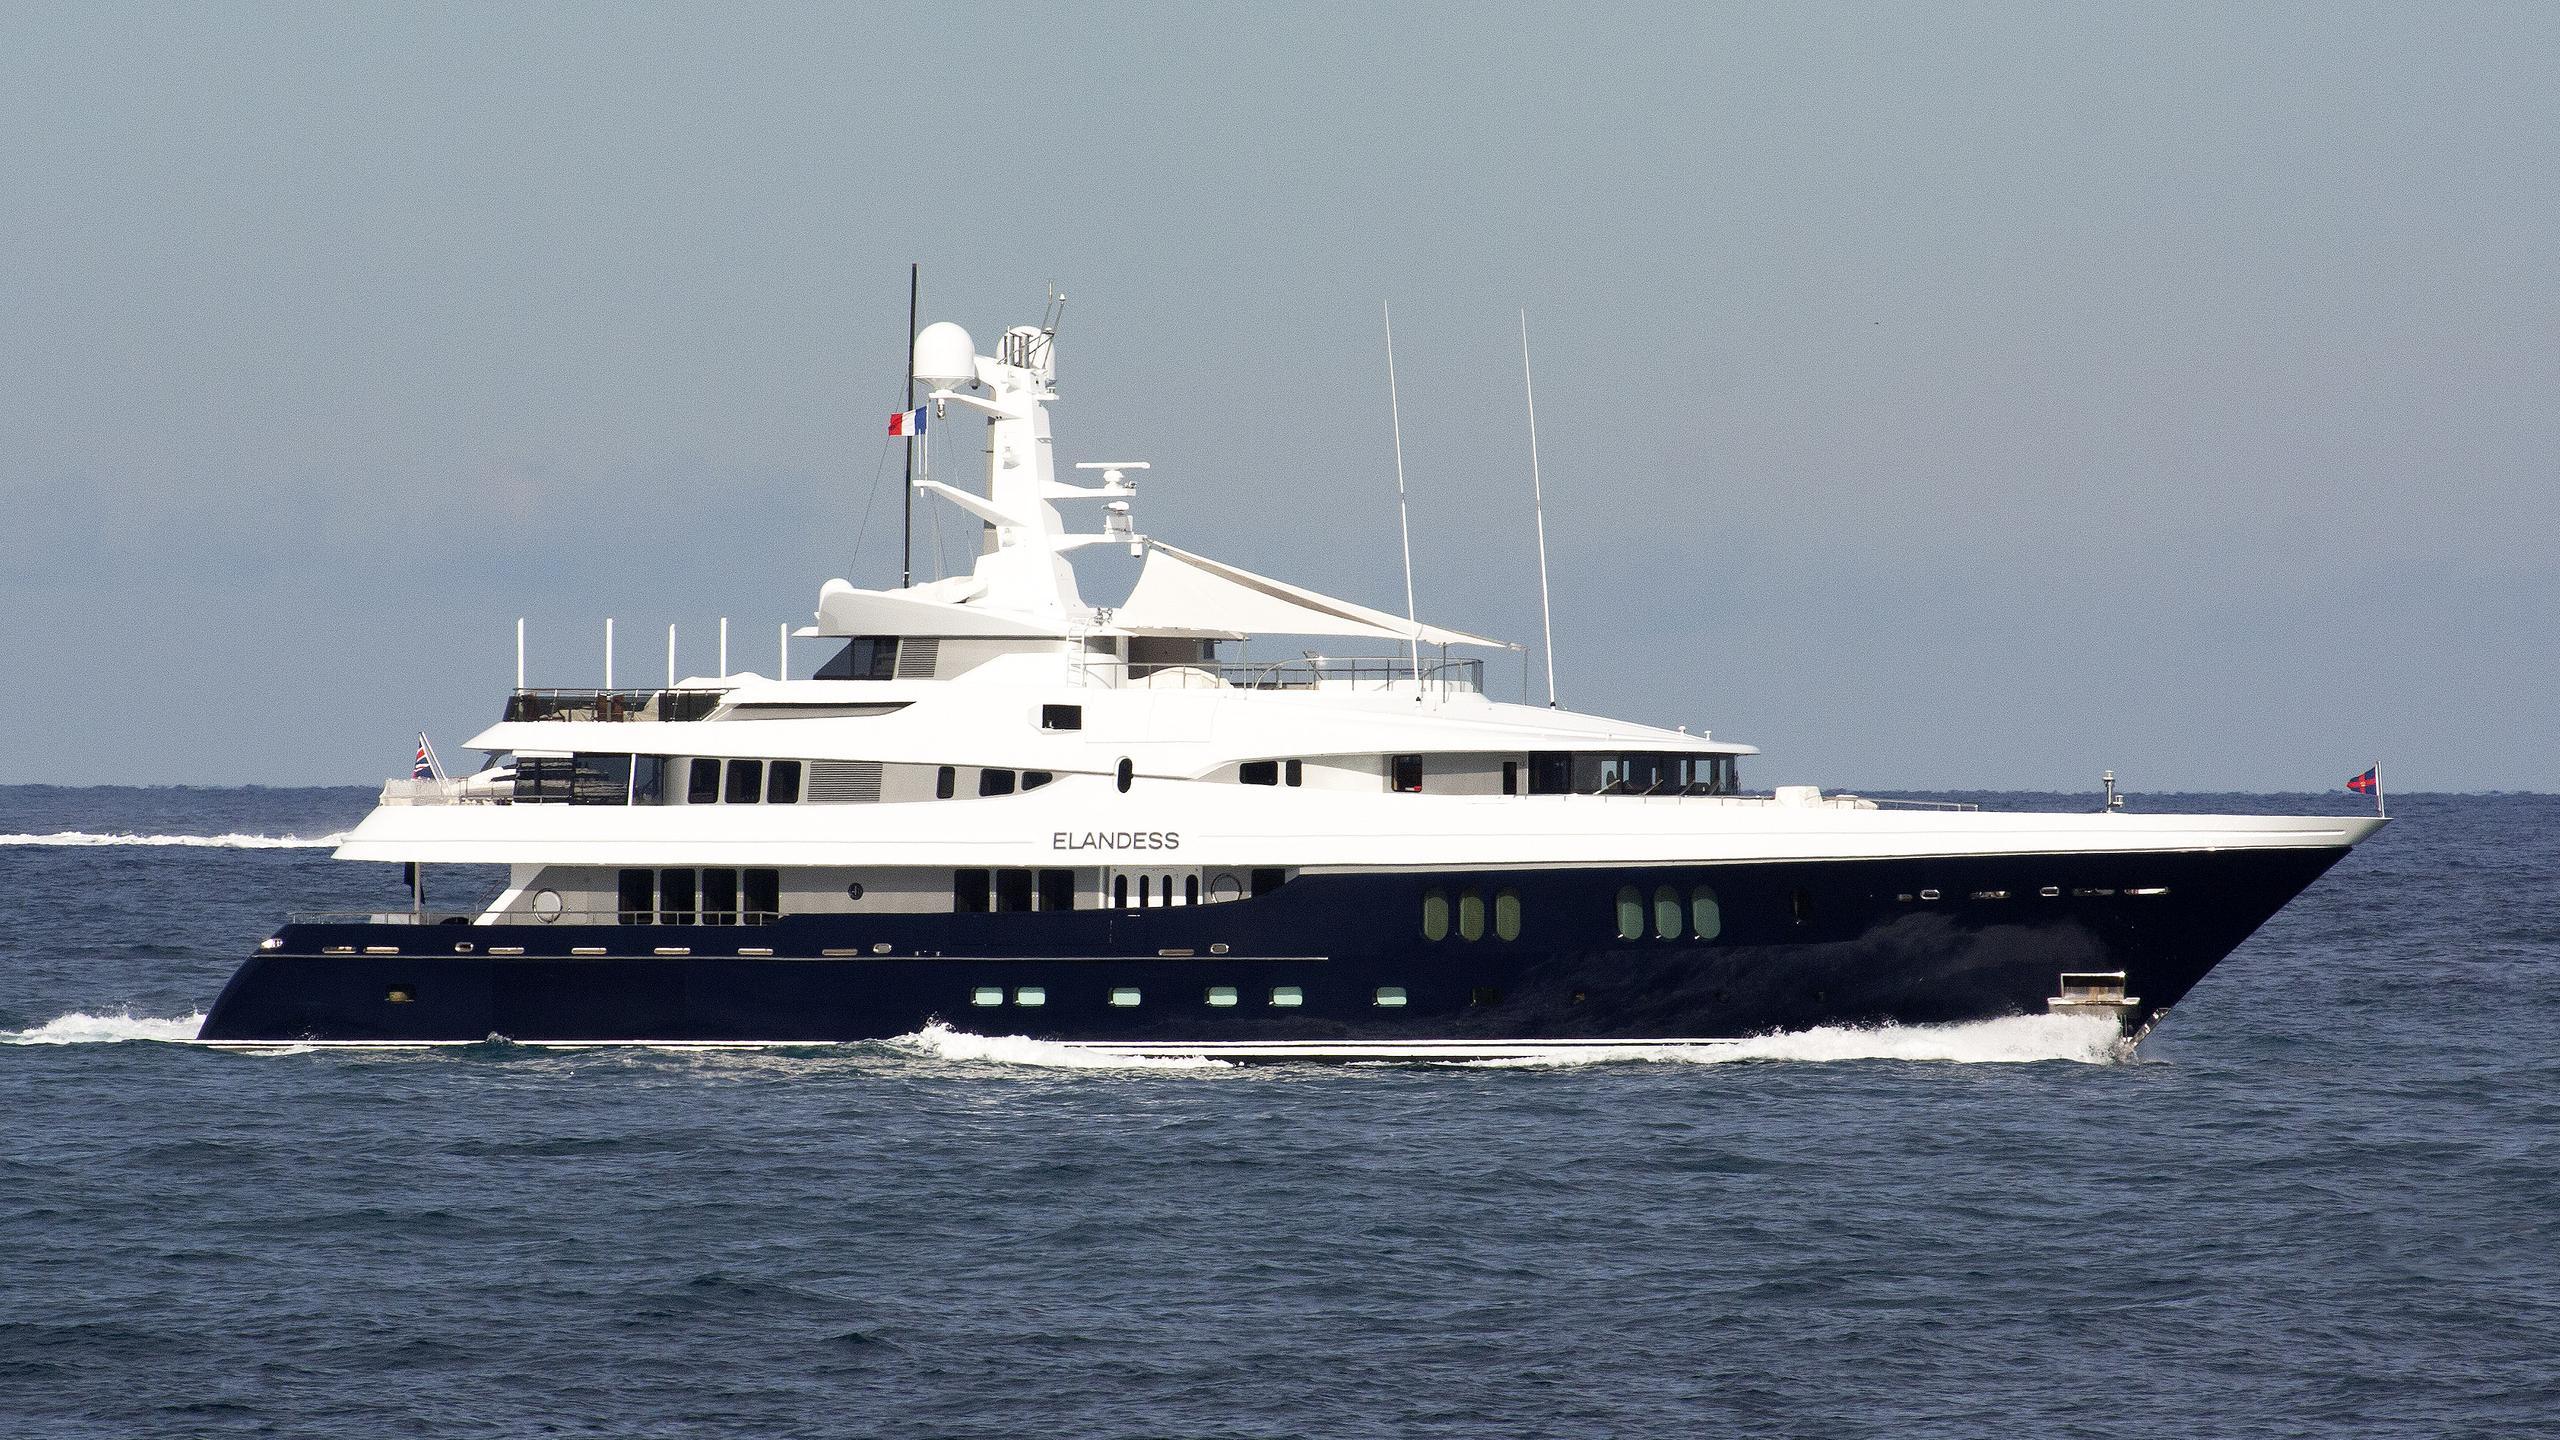 elandess-motor-yacht-abeking-rasmussen-2009-60m-cruising